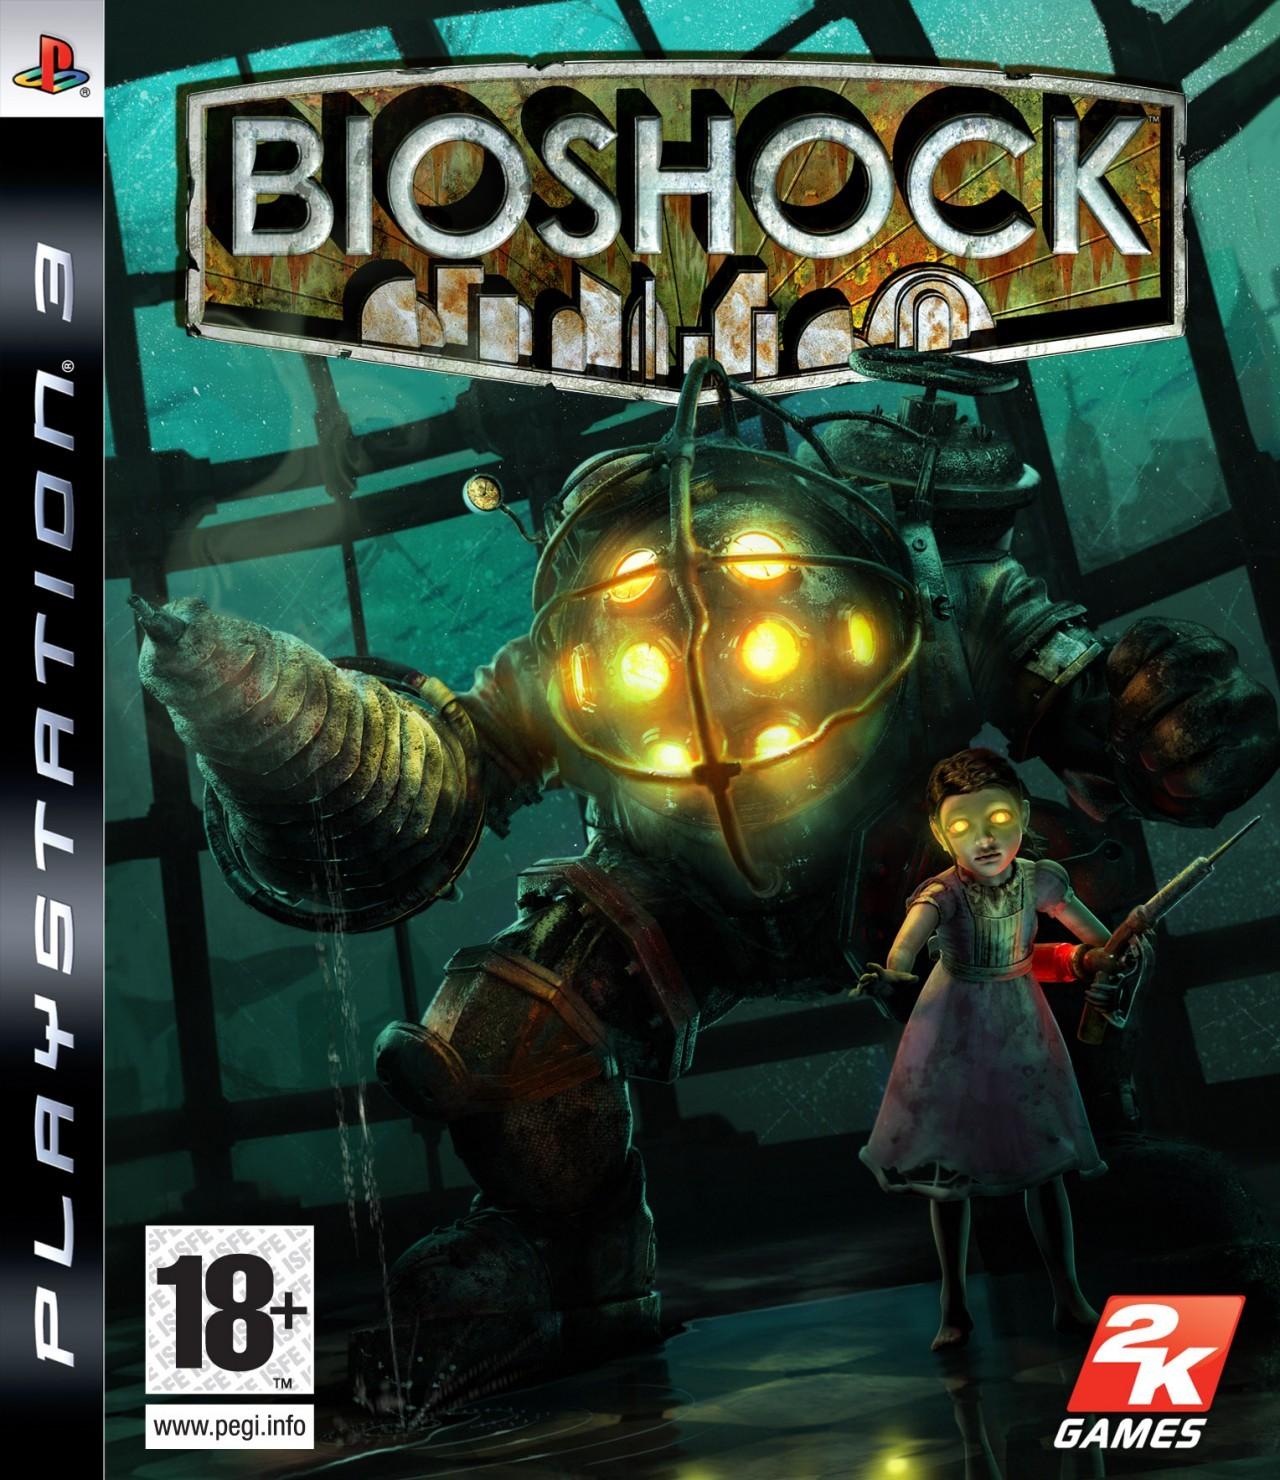 http://i.jeuxactus.com/datas/jeux/b/i/bioshock/xl/bioshock-4e26452266e23.jpg